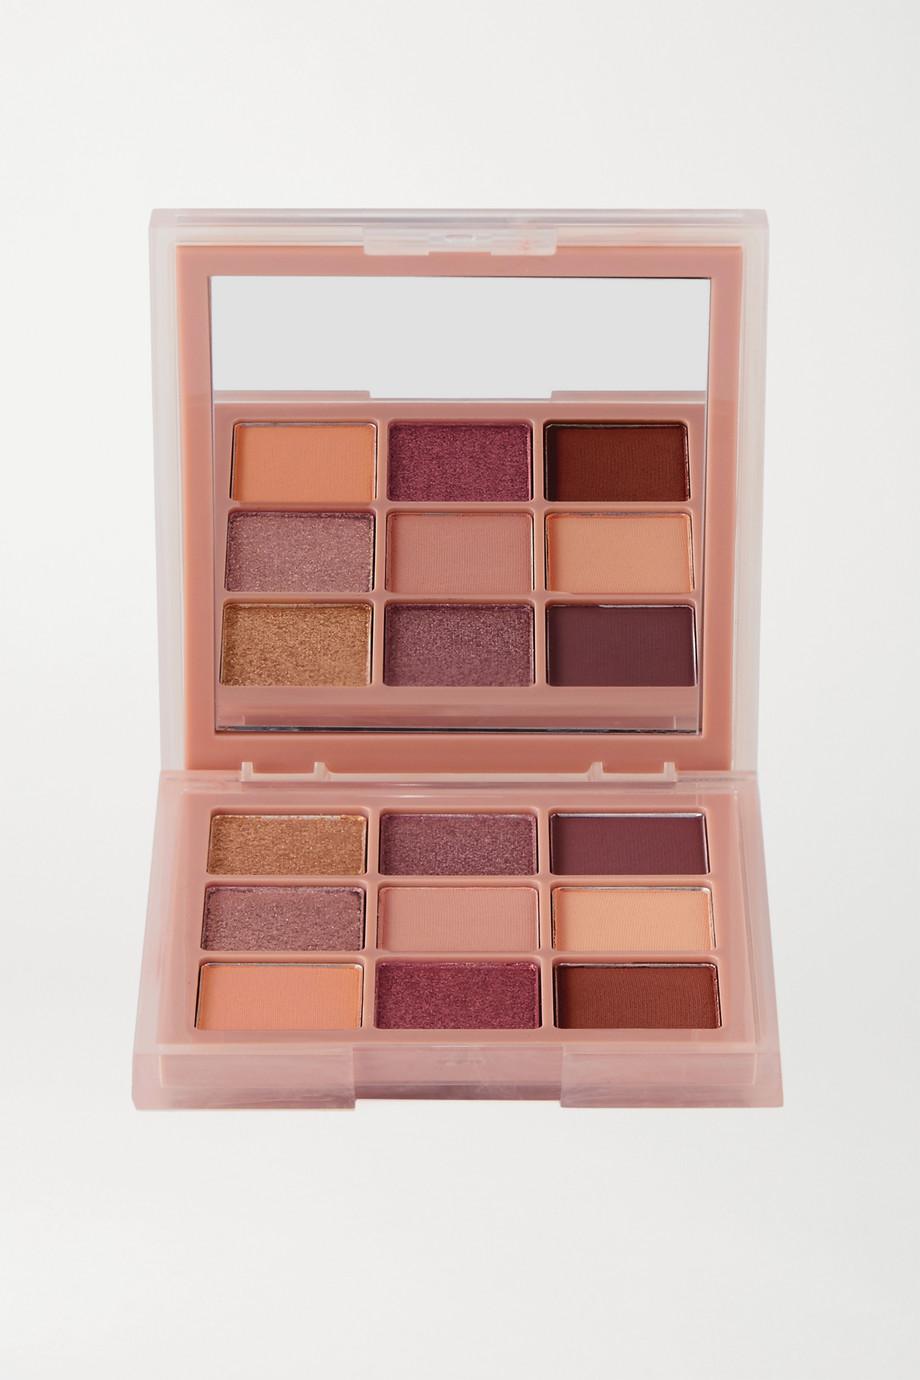 Huda Beauty Haze Obsessions Eyeshadow Palette  – Sand – Lidschattenpalette